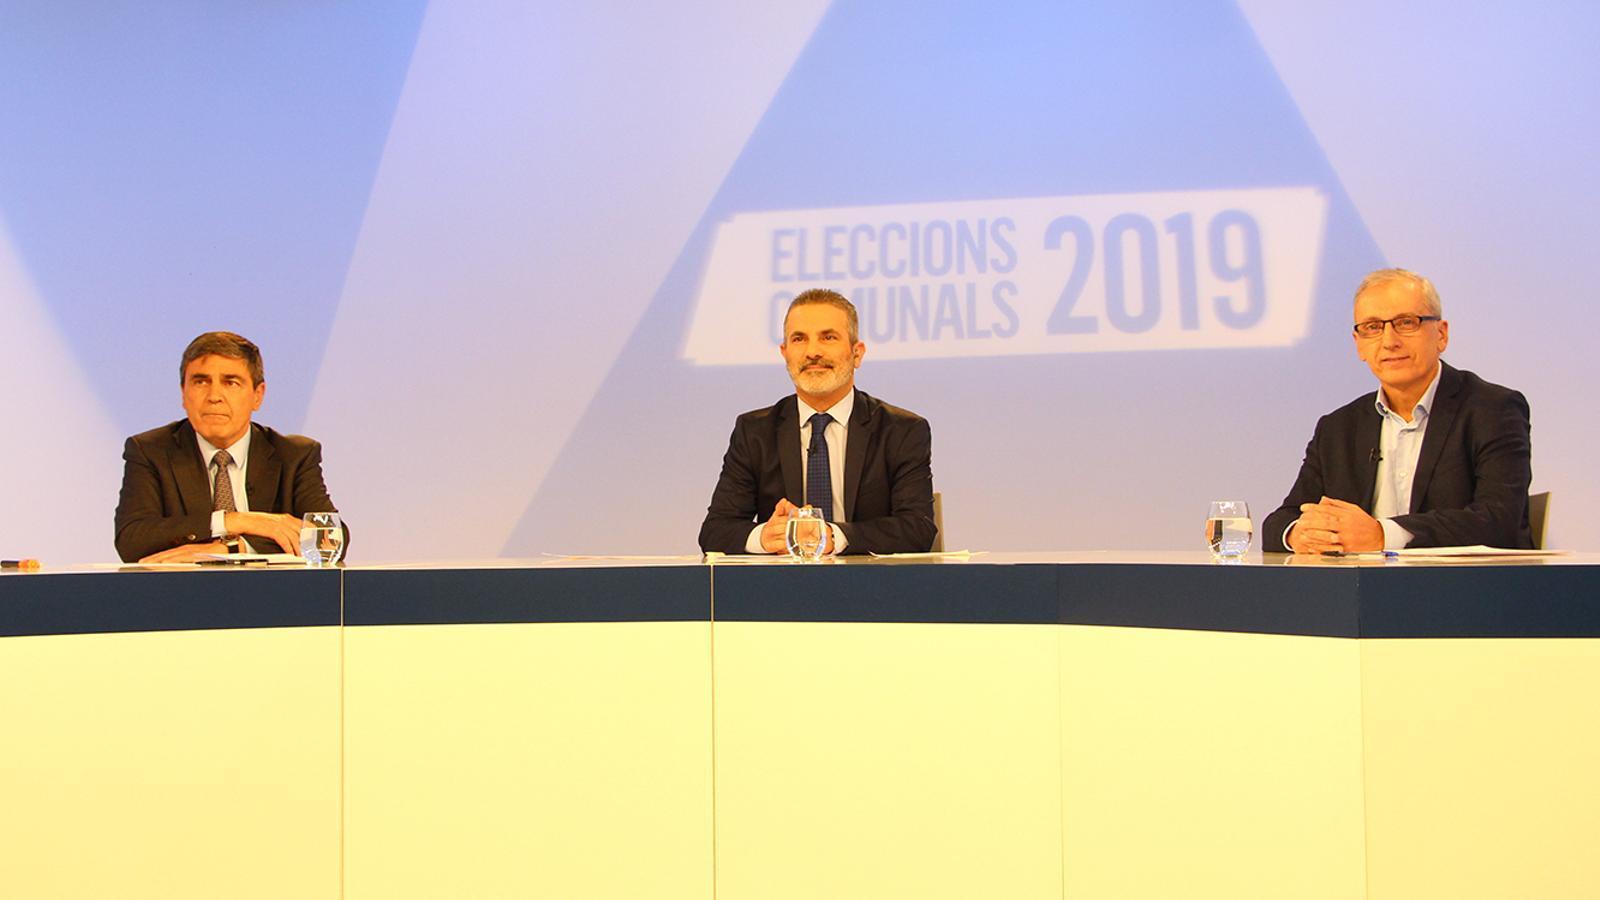 El candidat d'Objectiu Comú, Albert Torres; el moderador, Jordi Cama i el candidat de Demòcrates + Independents, Francesc Camp, moments abans de l'inici del debat. / M. F.